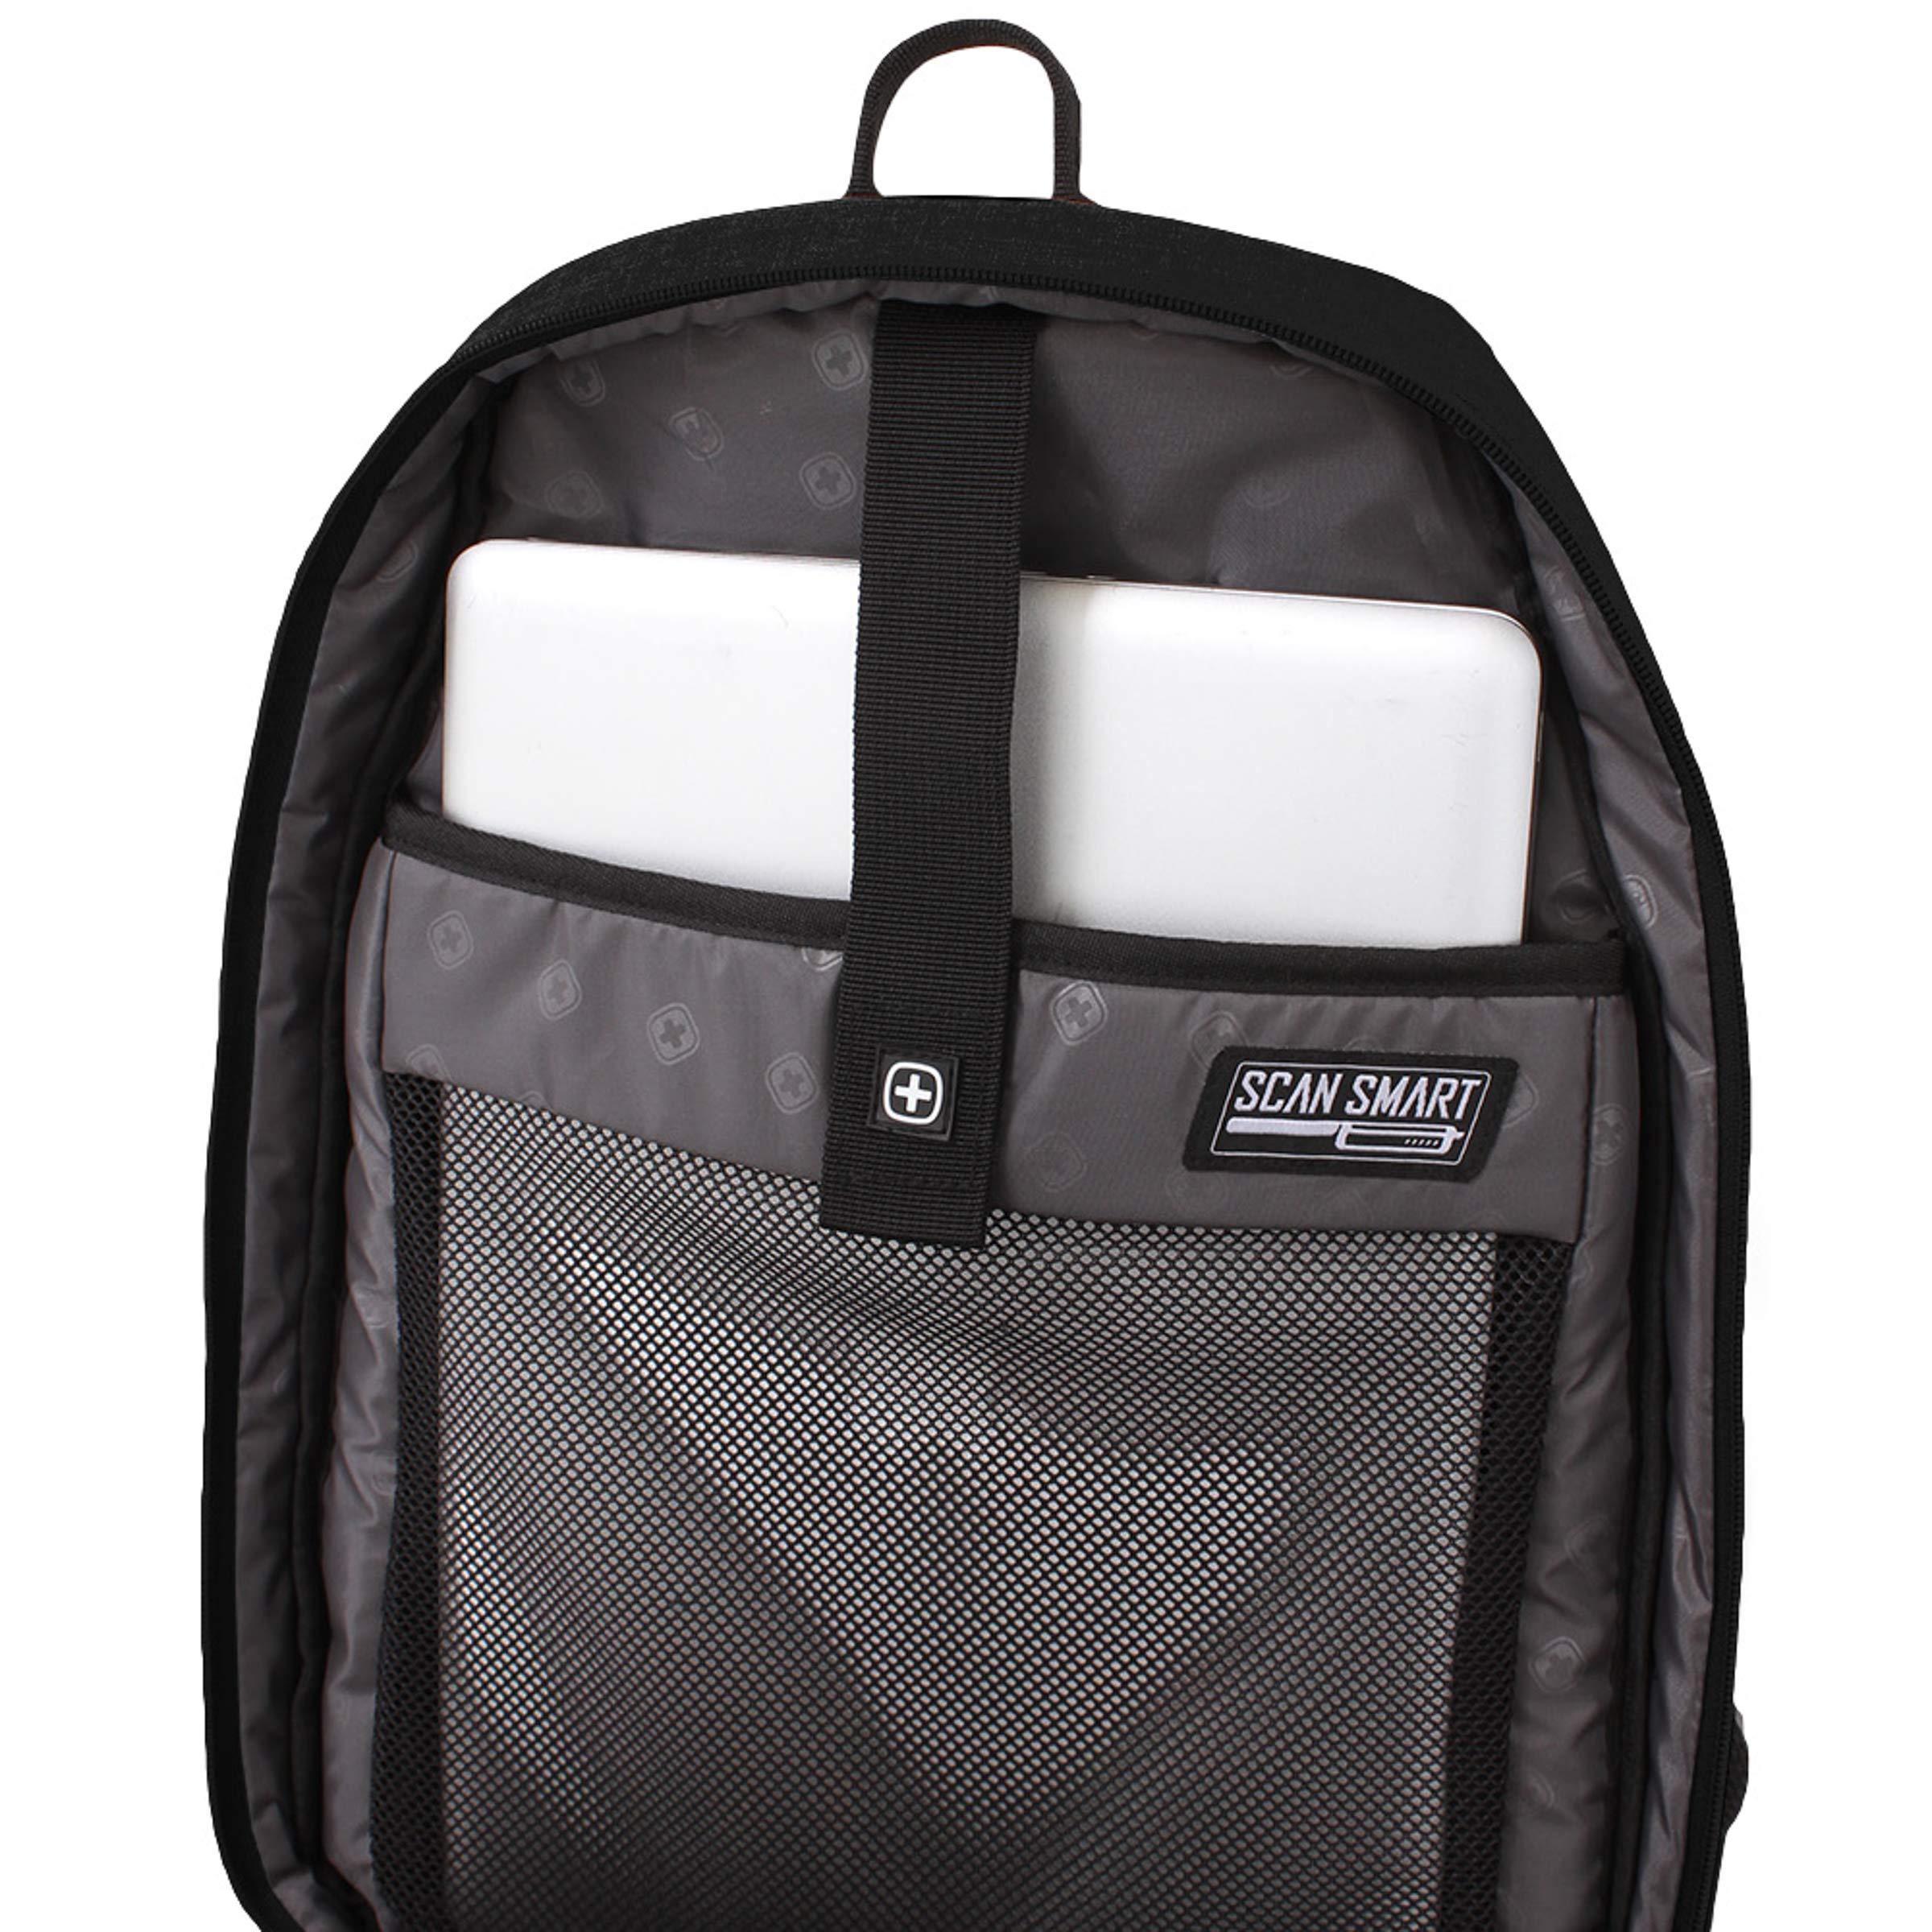 SWISSGEAR Large, Padded, ScanSmart 15-inch Laptop Backpack | TSA-Friendly Carry-on | Travel, Work, School | Men's and Women's - Black by Swiss Gear (Image #4)